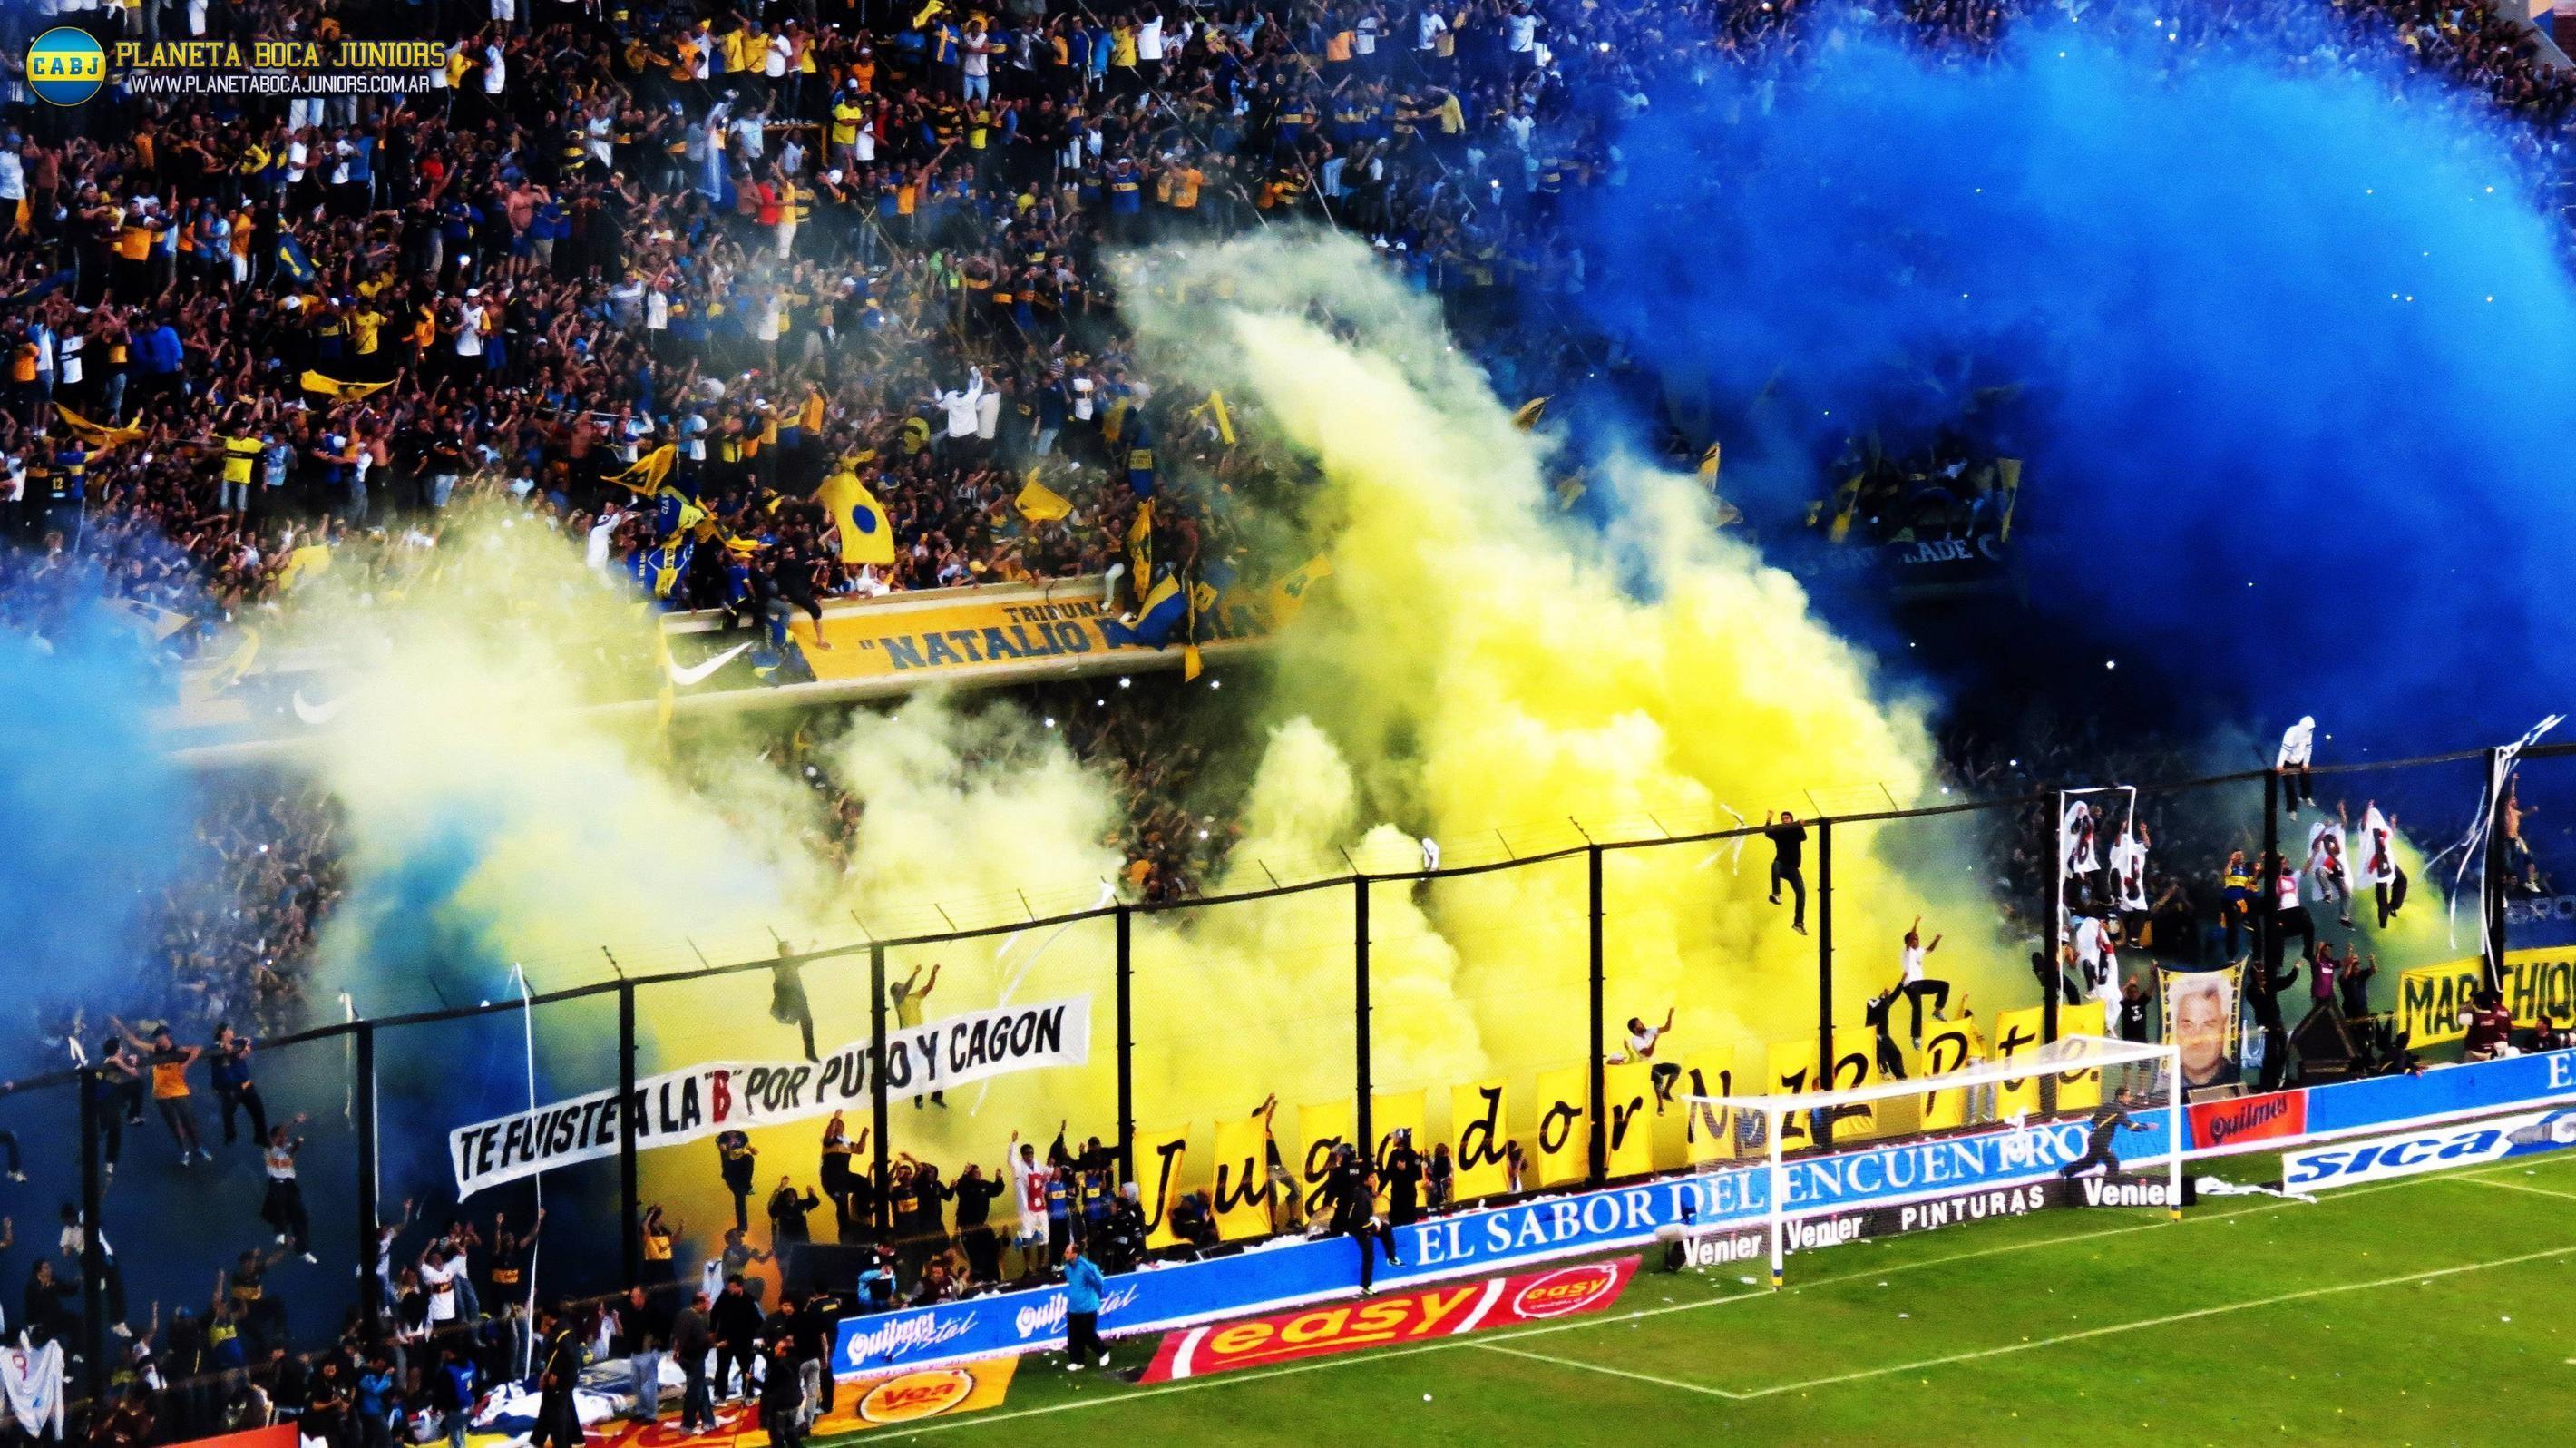 ¿Qué nombre recibía Boca Juniors en los antiguos PES?